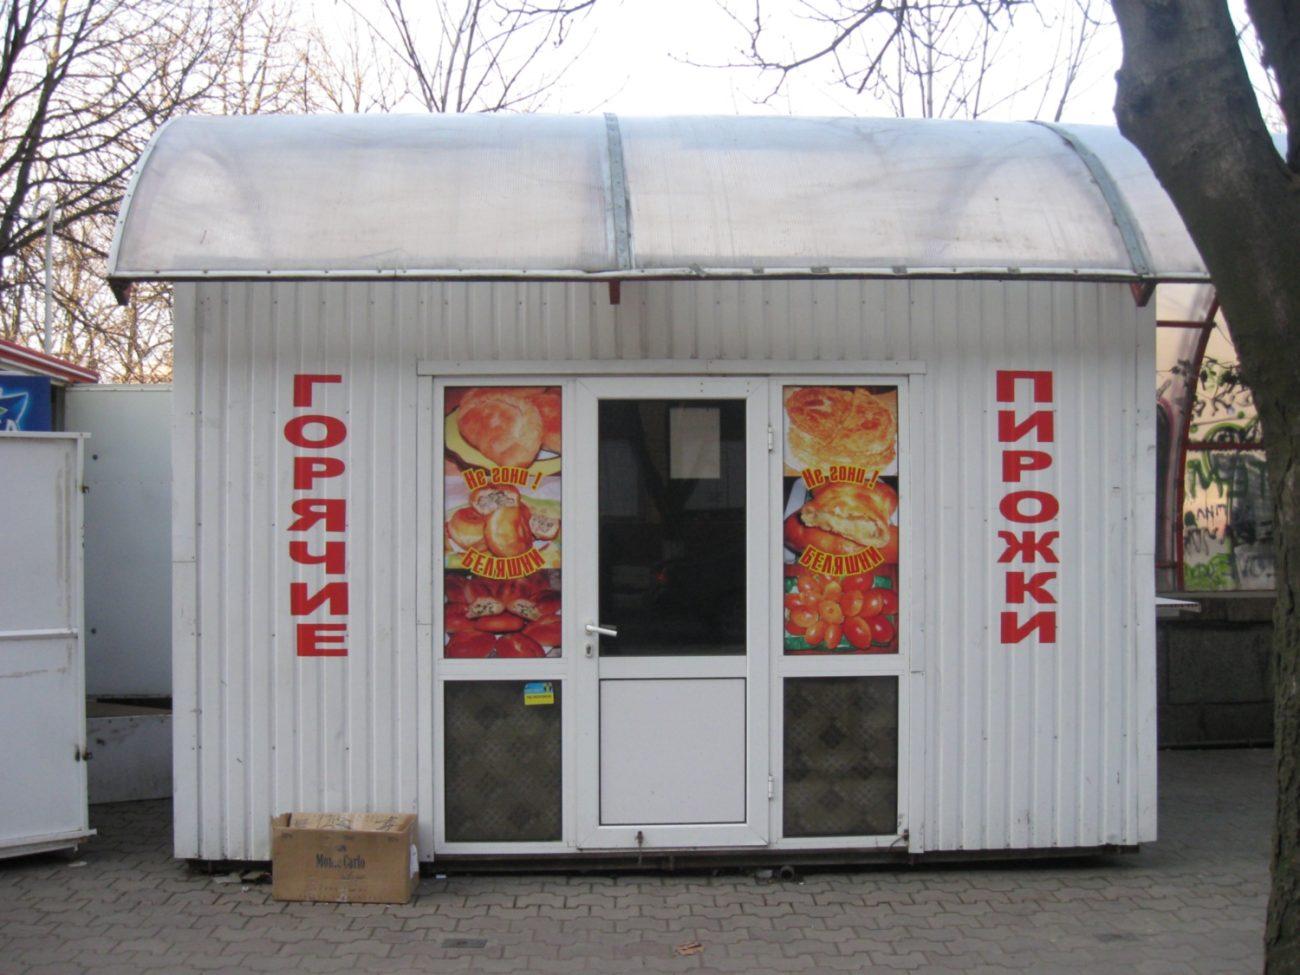 IMG 0326 1 - Бизнес под снос: около 50 предпринимателей вынуждены снести свои ларьки не «того» цвета